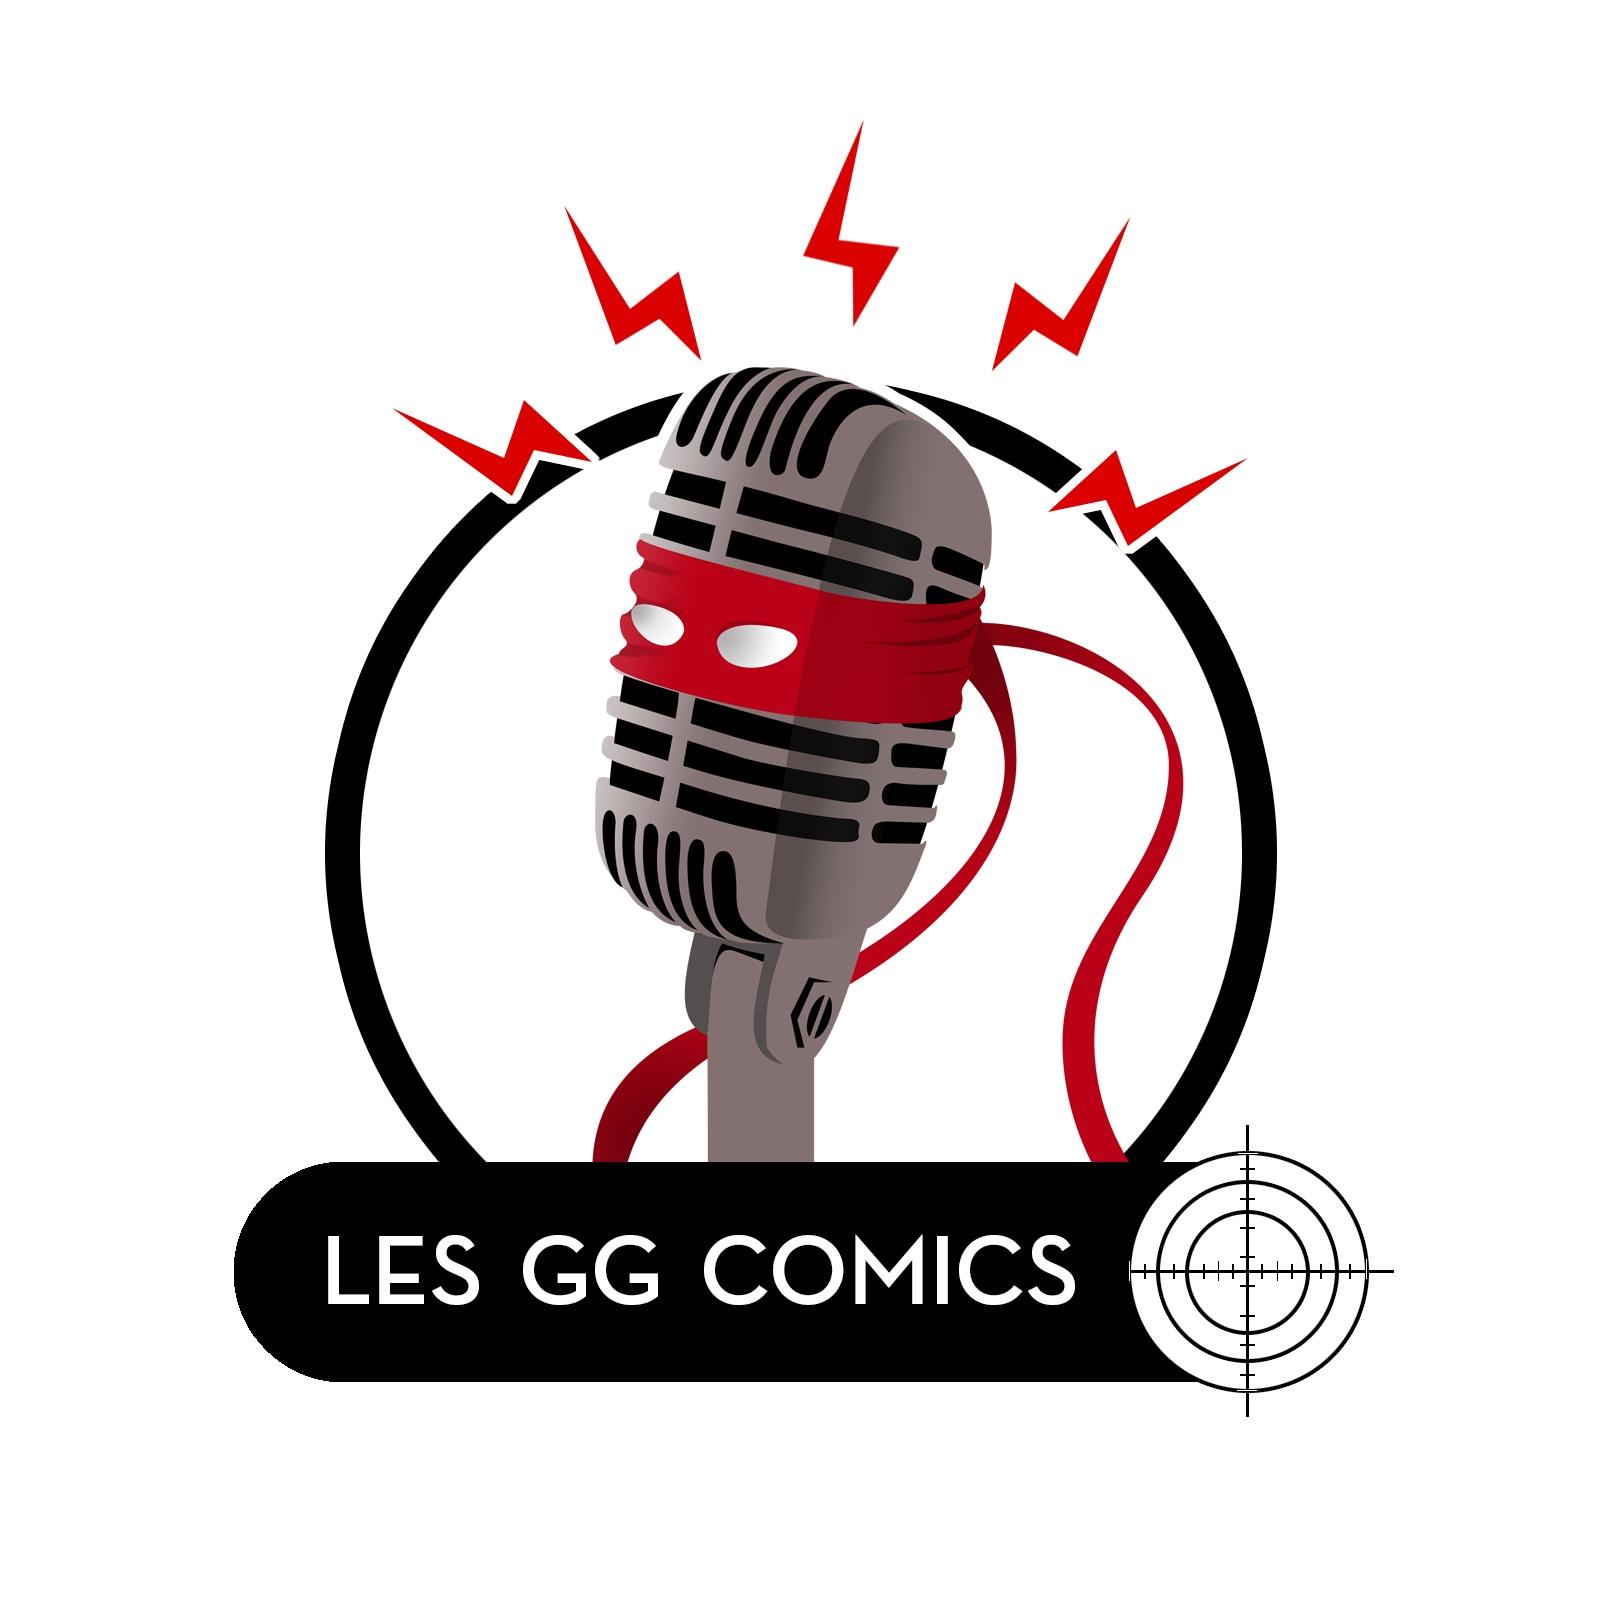 Les GG comics #058 : La maladie dans les comics